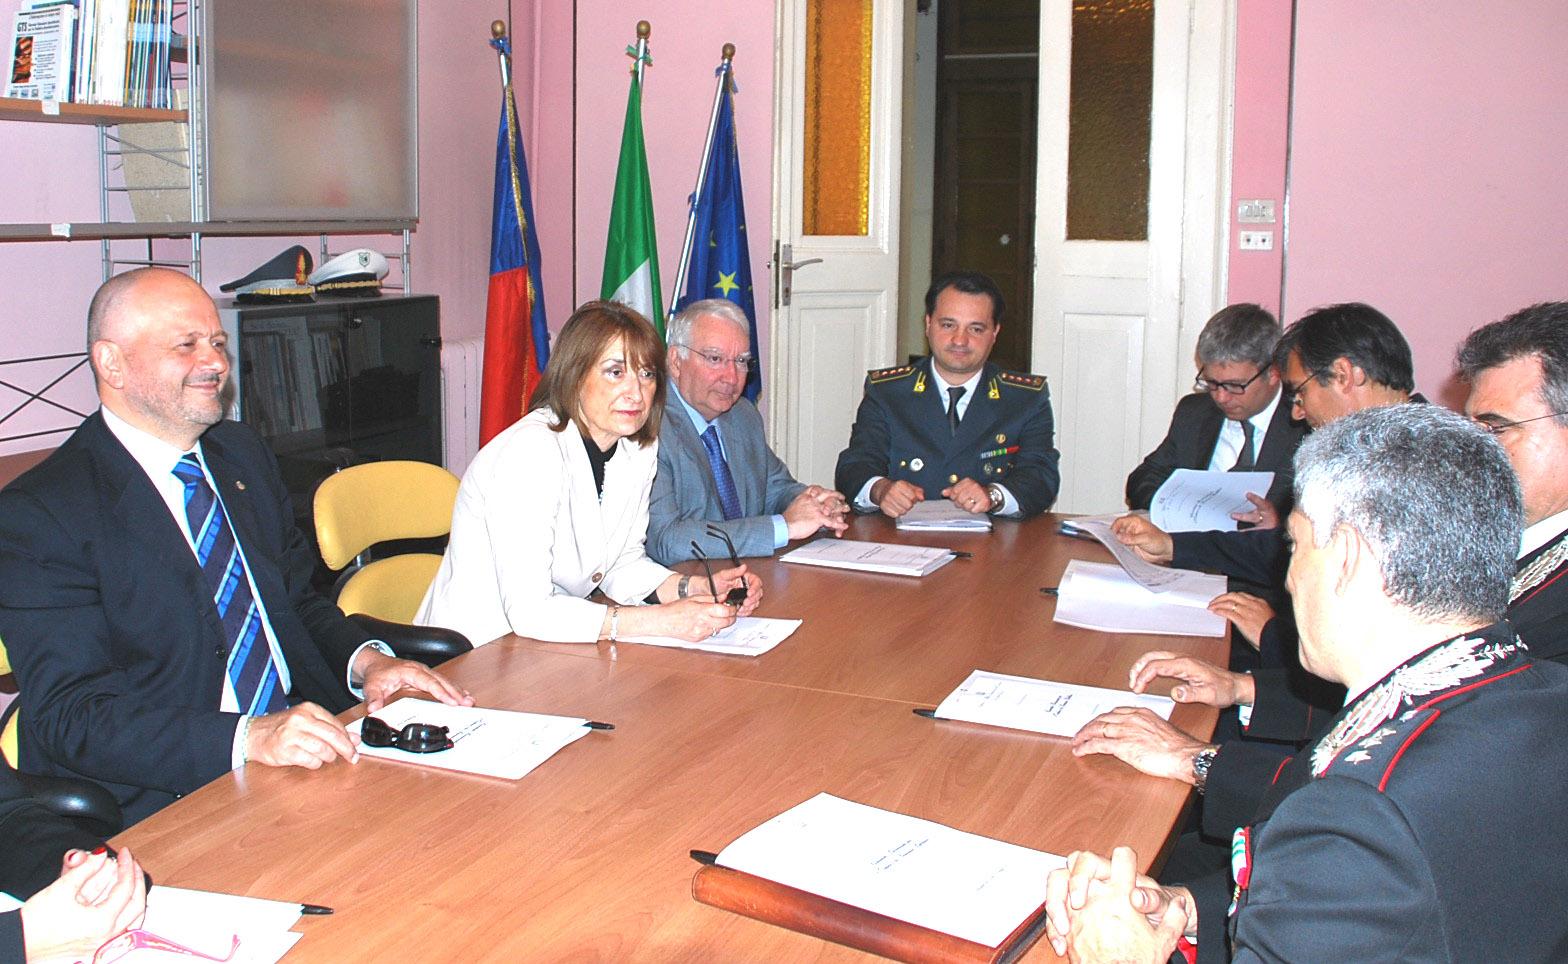 Comitato provinciale per l'ordine e la sicurezza